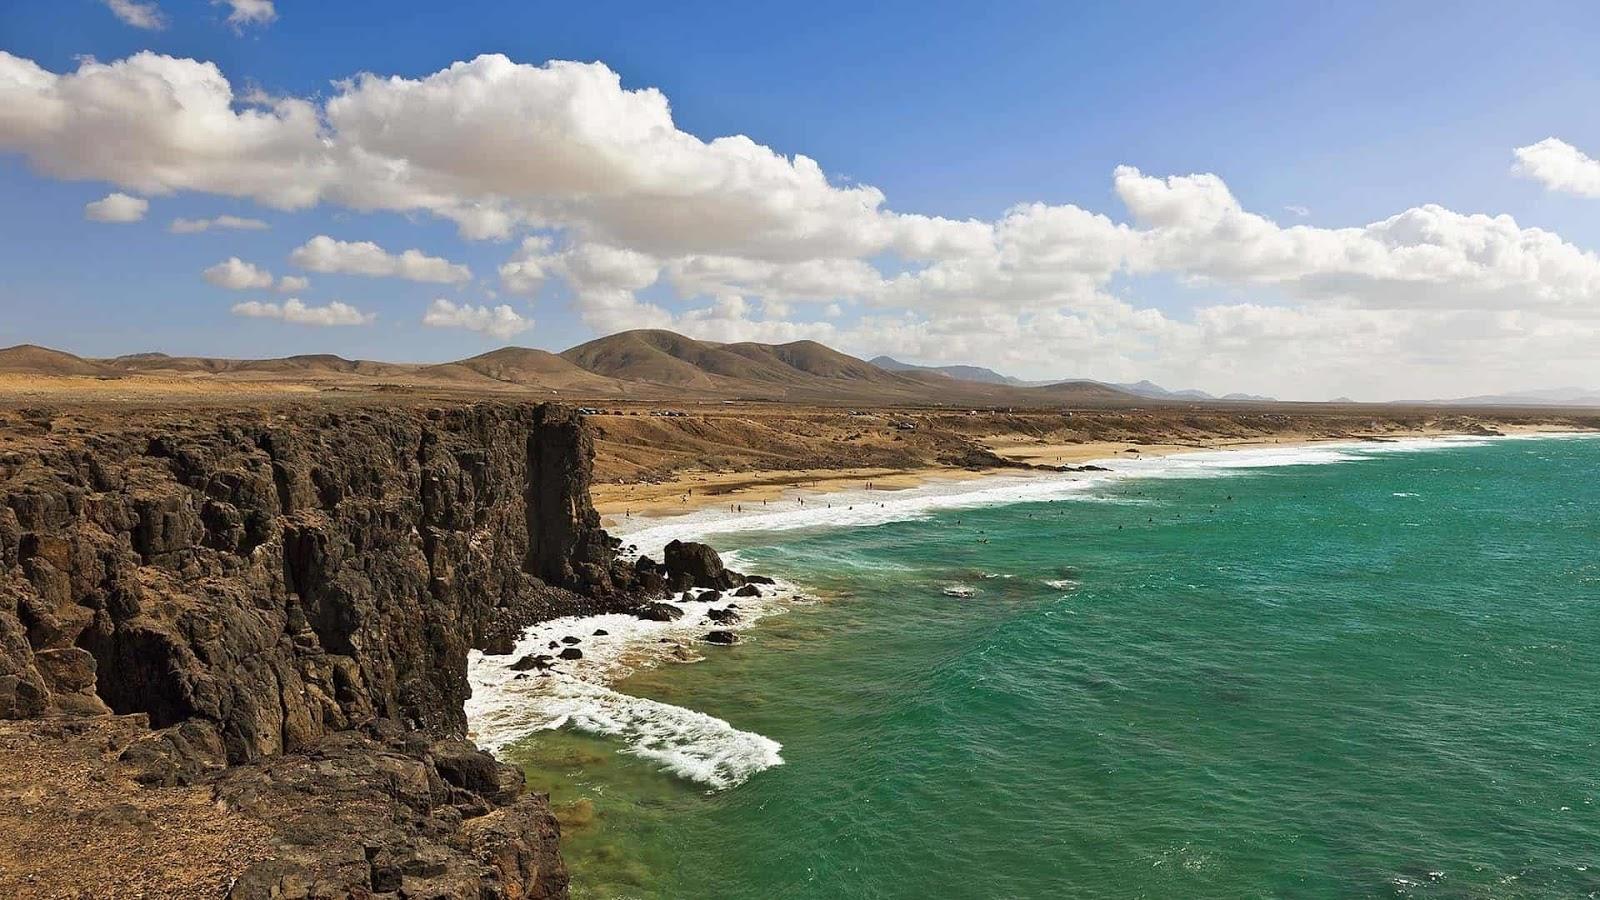 LG_Fuerteventura_web